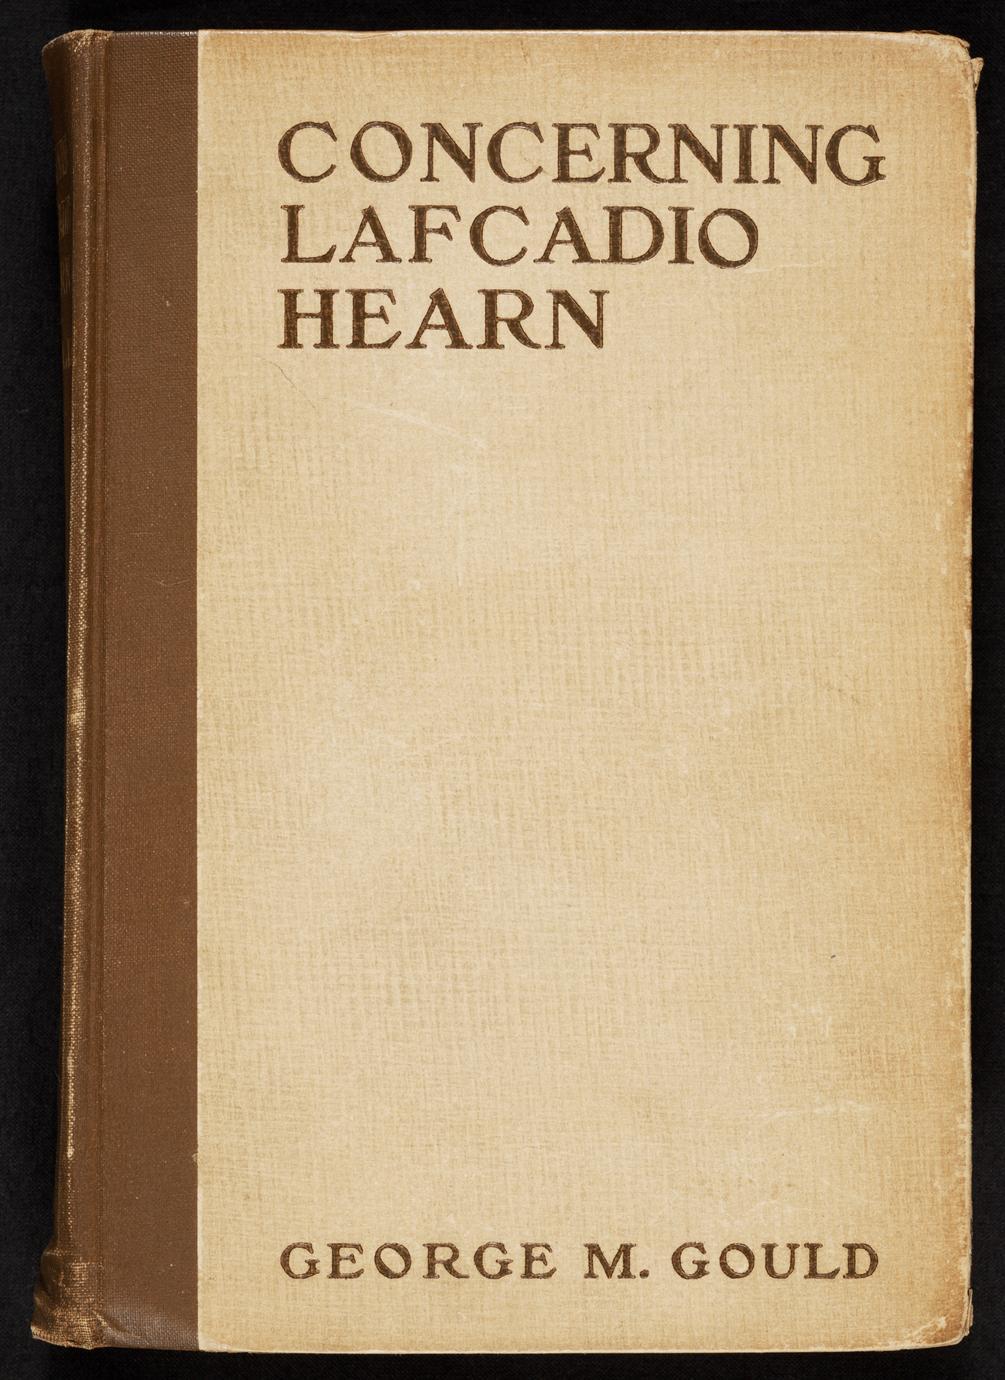 Concerning Lafcadio Hearn (1 of 2)